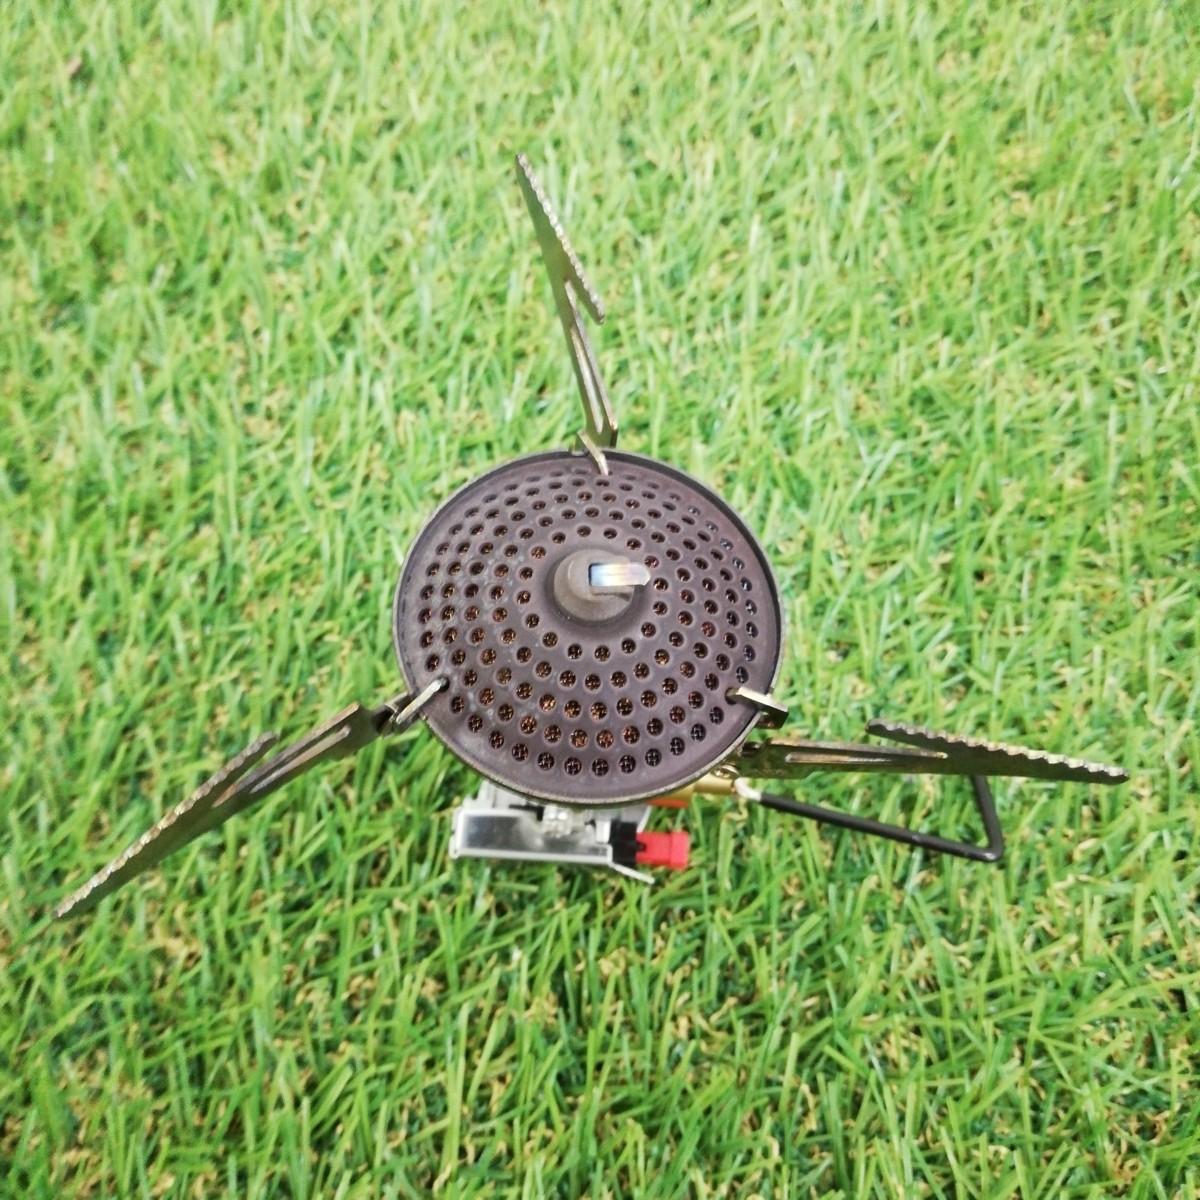 【中古】SOTO ソト マイクロレギュレーターストーブ SOD-300S【Sx】 キャンプ 調理 ソロ シングルバーナー アウトドア キャンプ_画像5